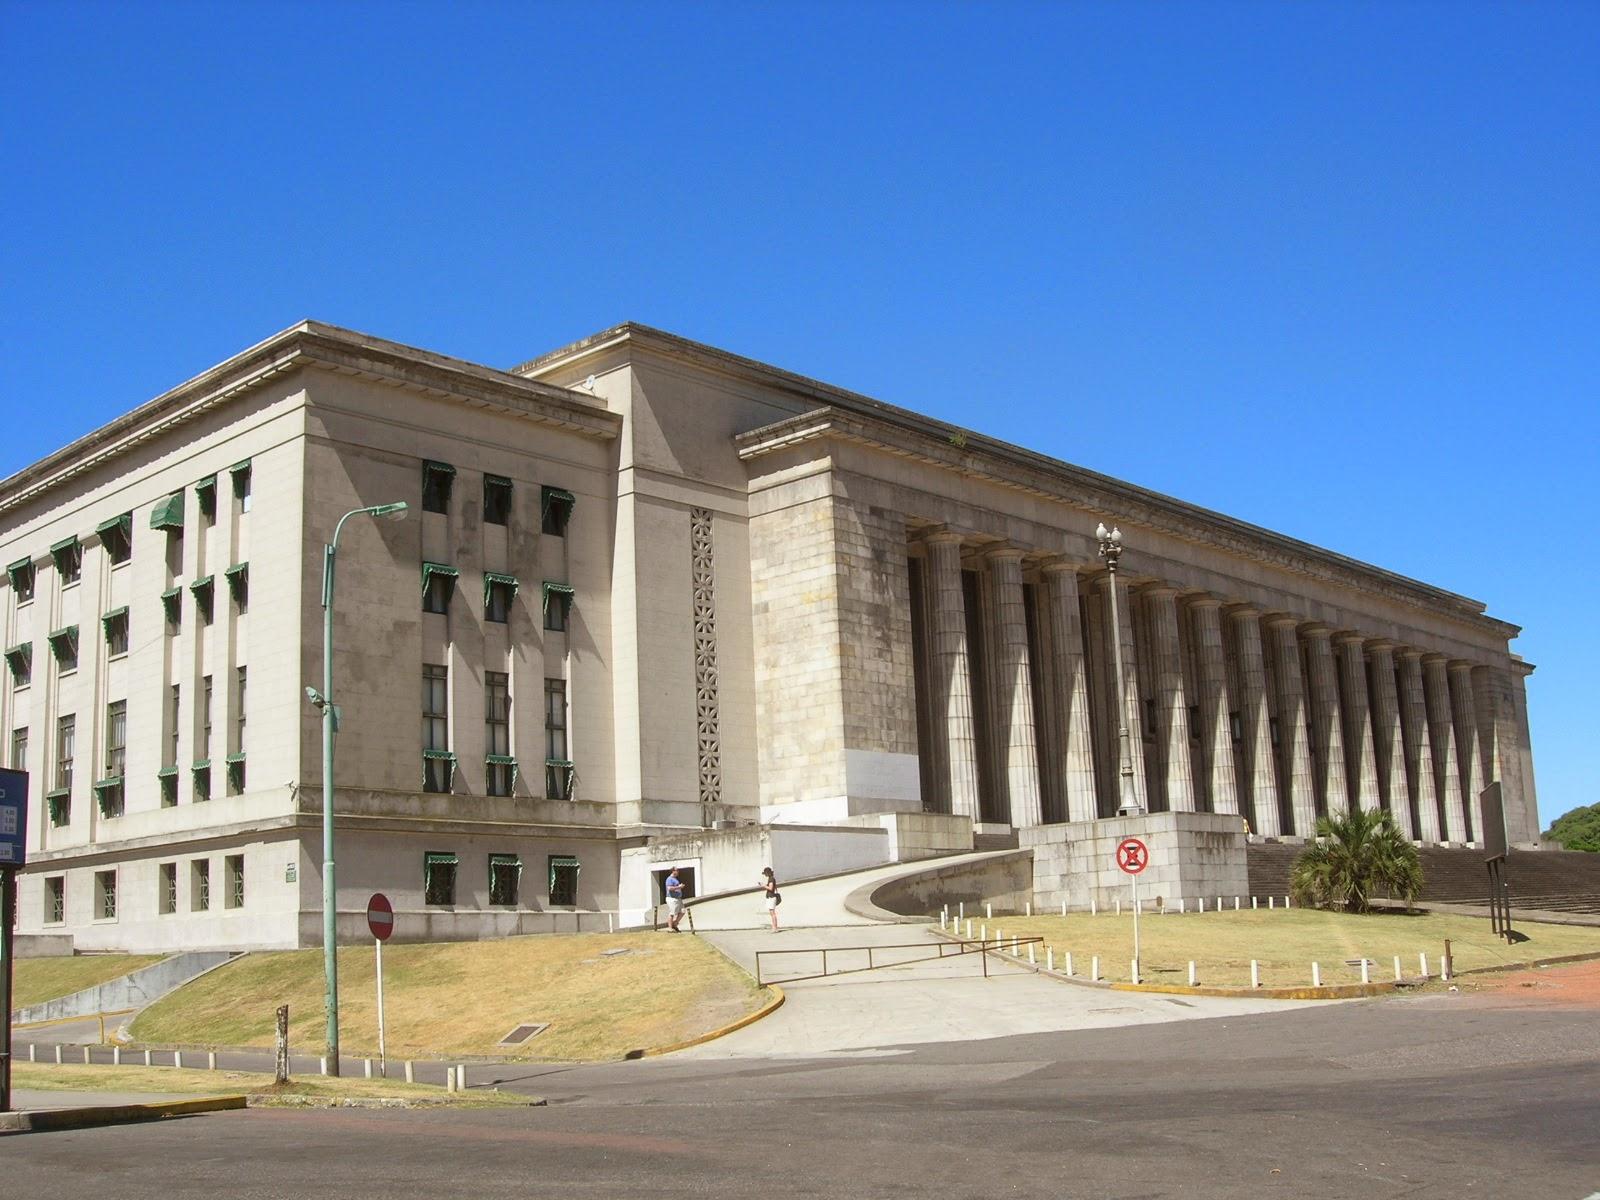 Faculdade de Direito da UBA em Buenos Aires, Argentina